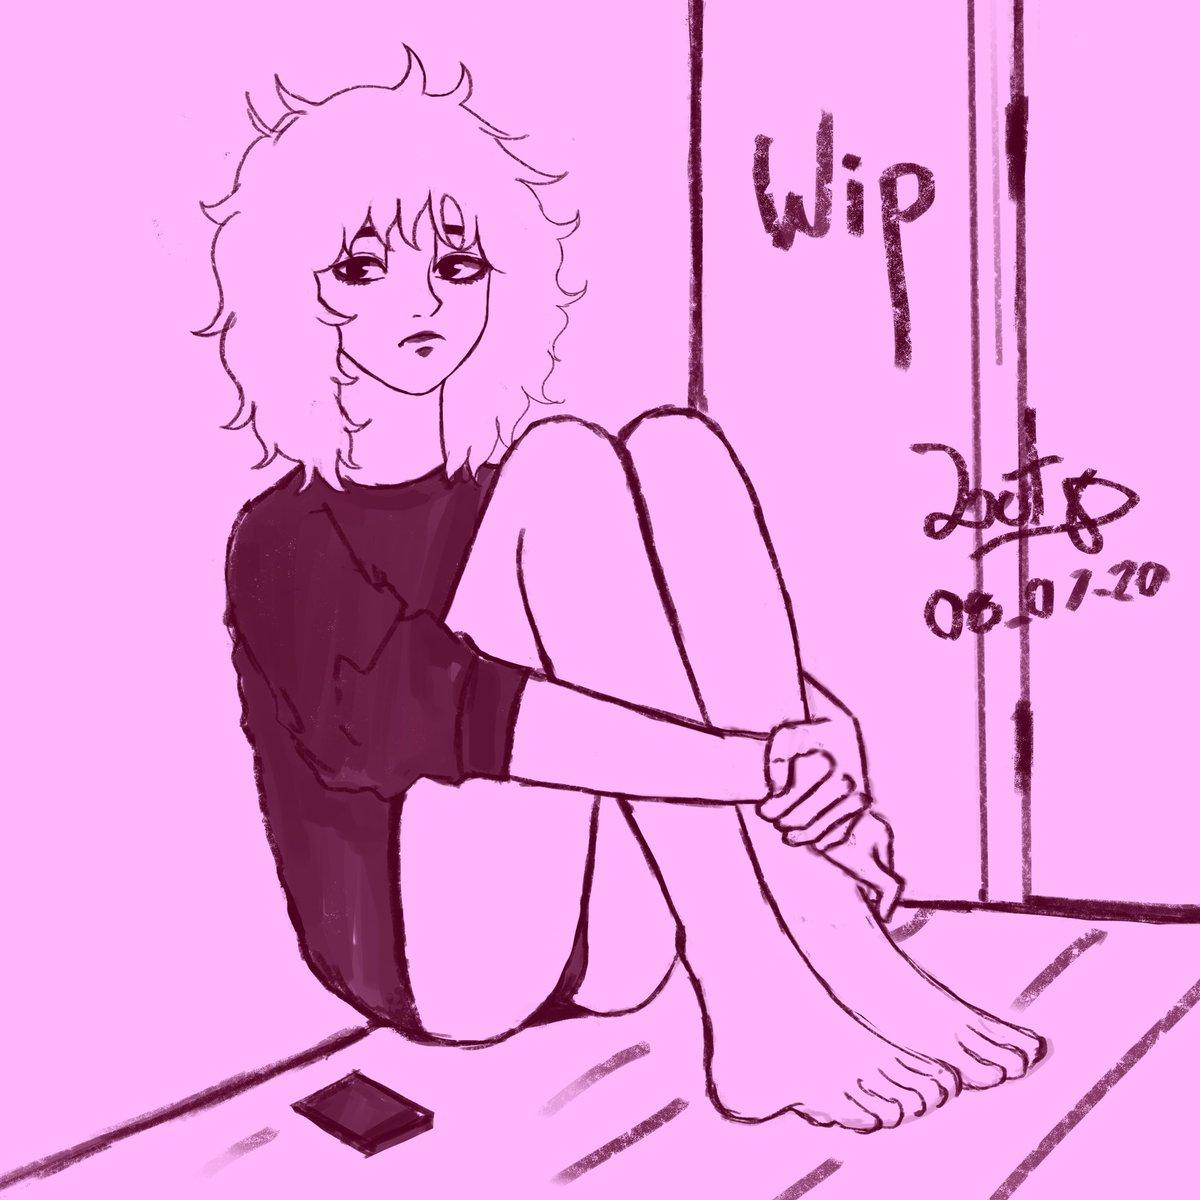 Desenhos que provavelmente não irei terminar.pic.twitter.com/H6Mgd9JRvh